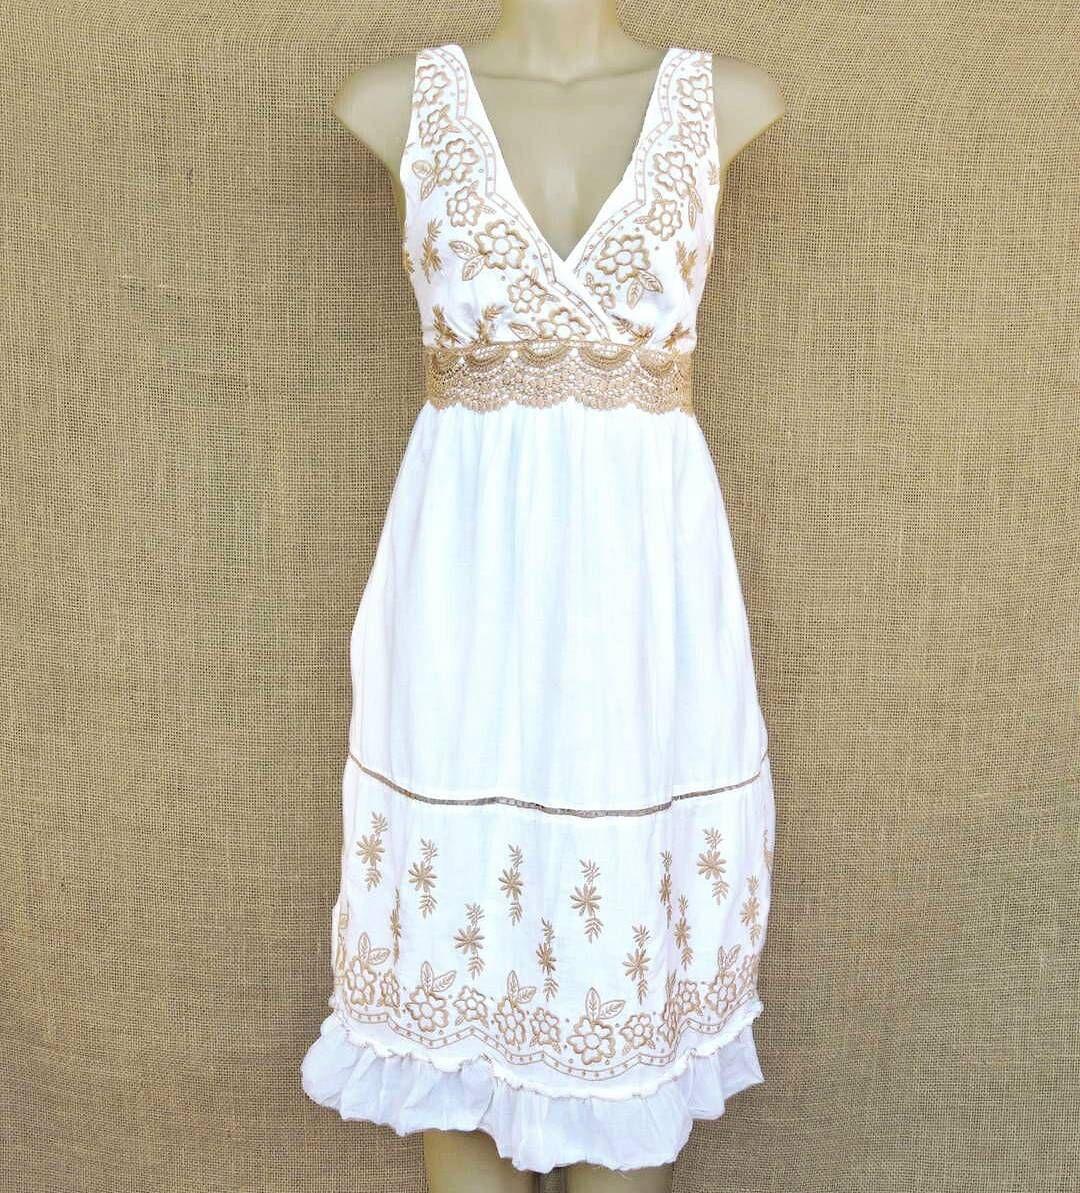 e91202689 Lindo vestido indiano branco bordado no estilo retrô. Por 7490. E nas  compras acima